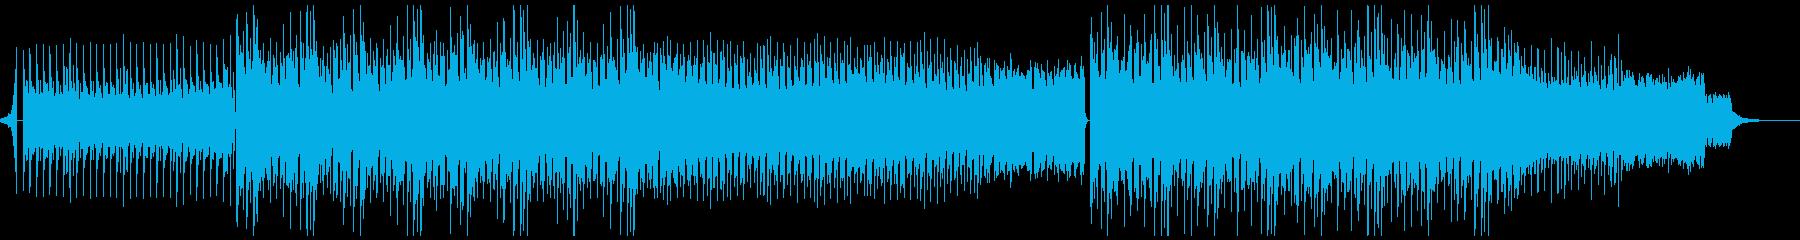 近未来的で疾走感のある曲の再生済みの波形